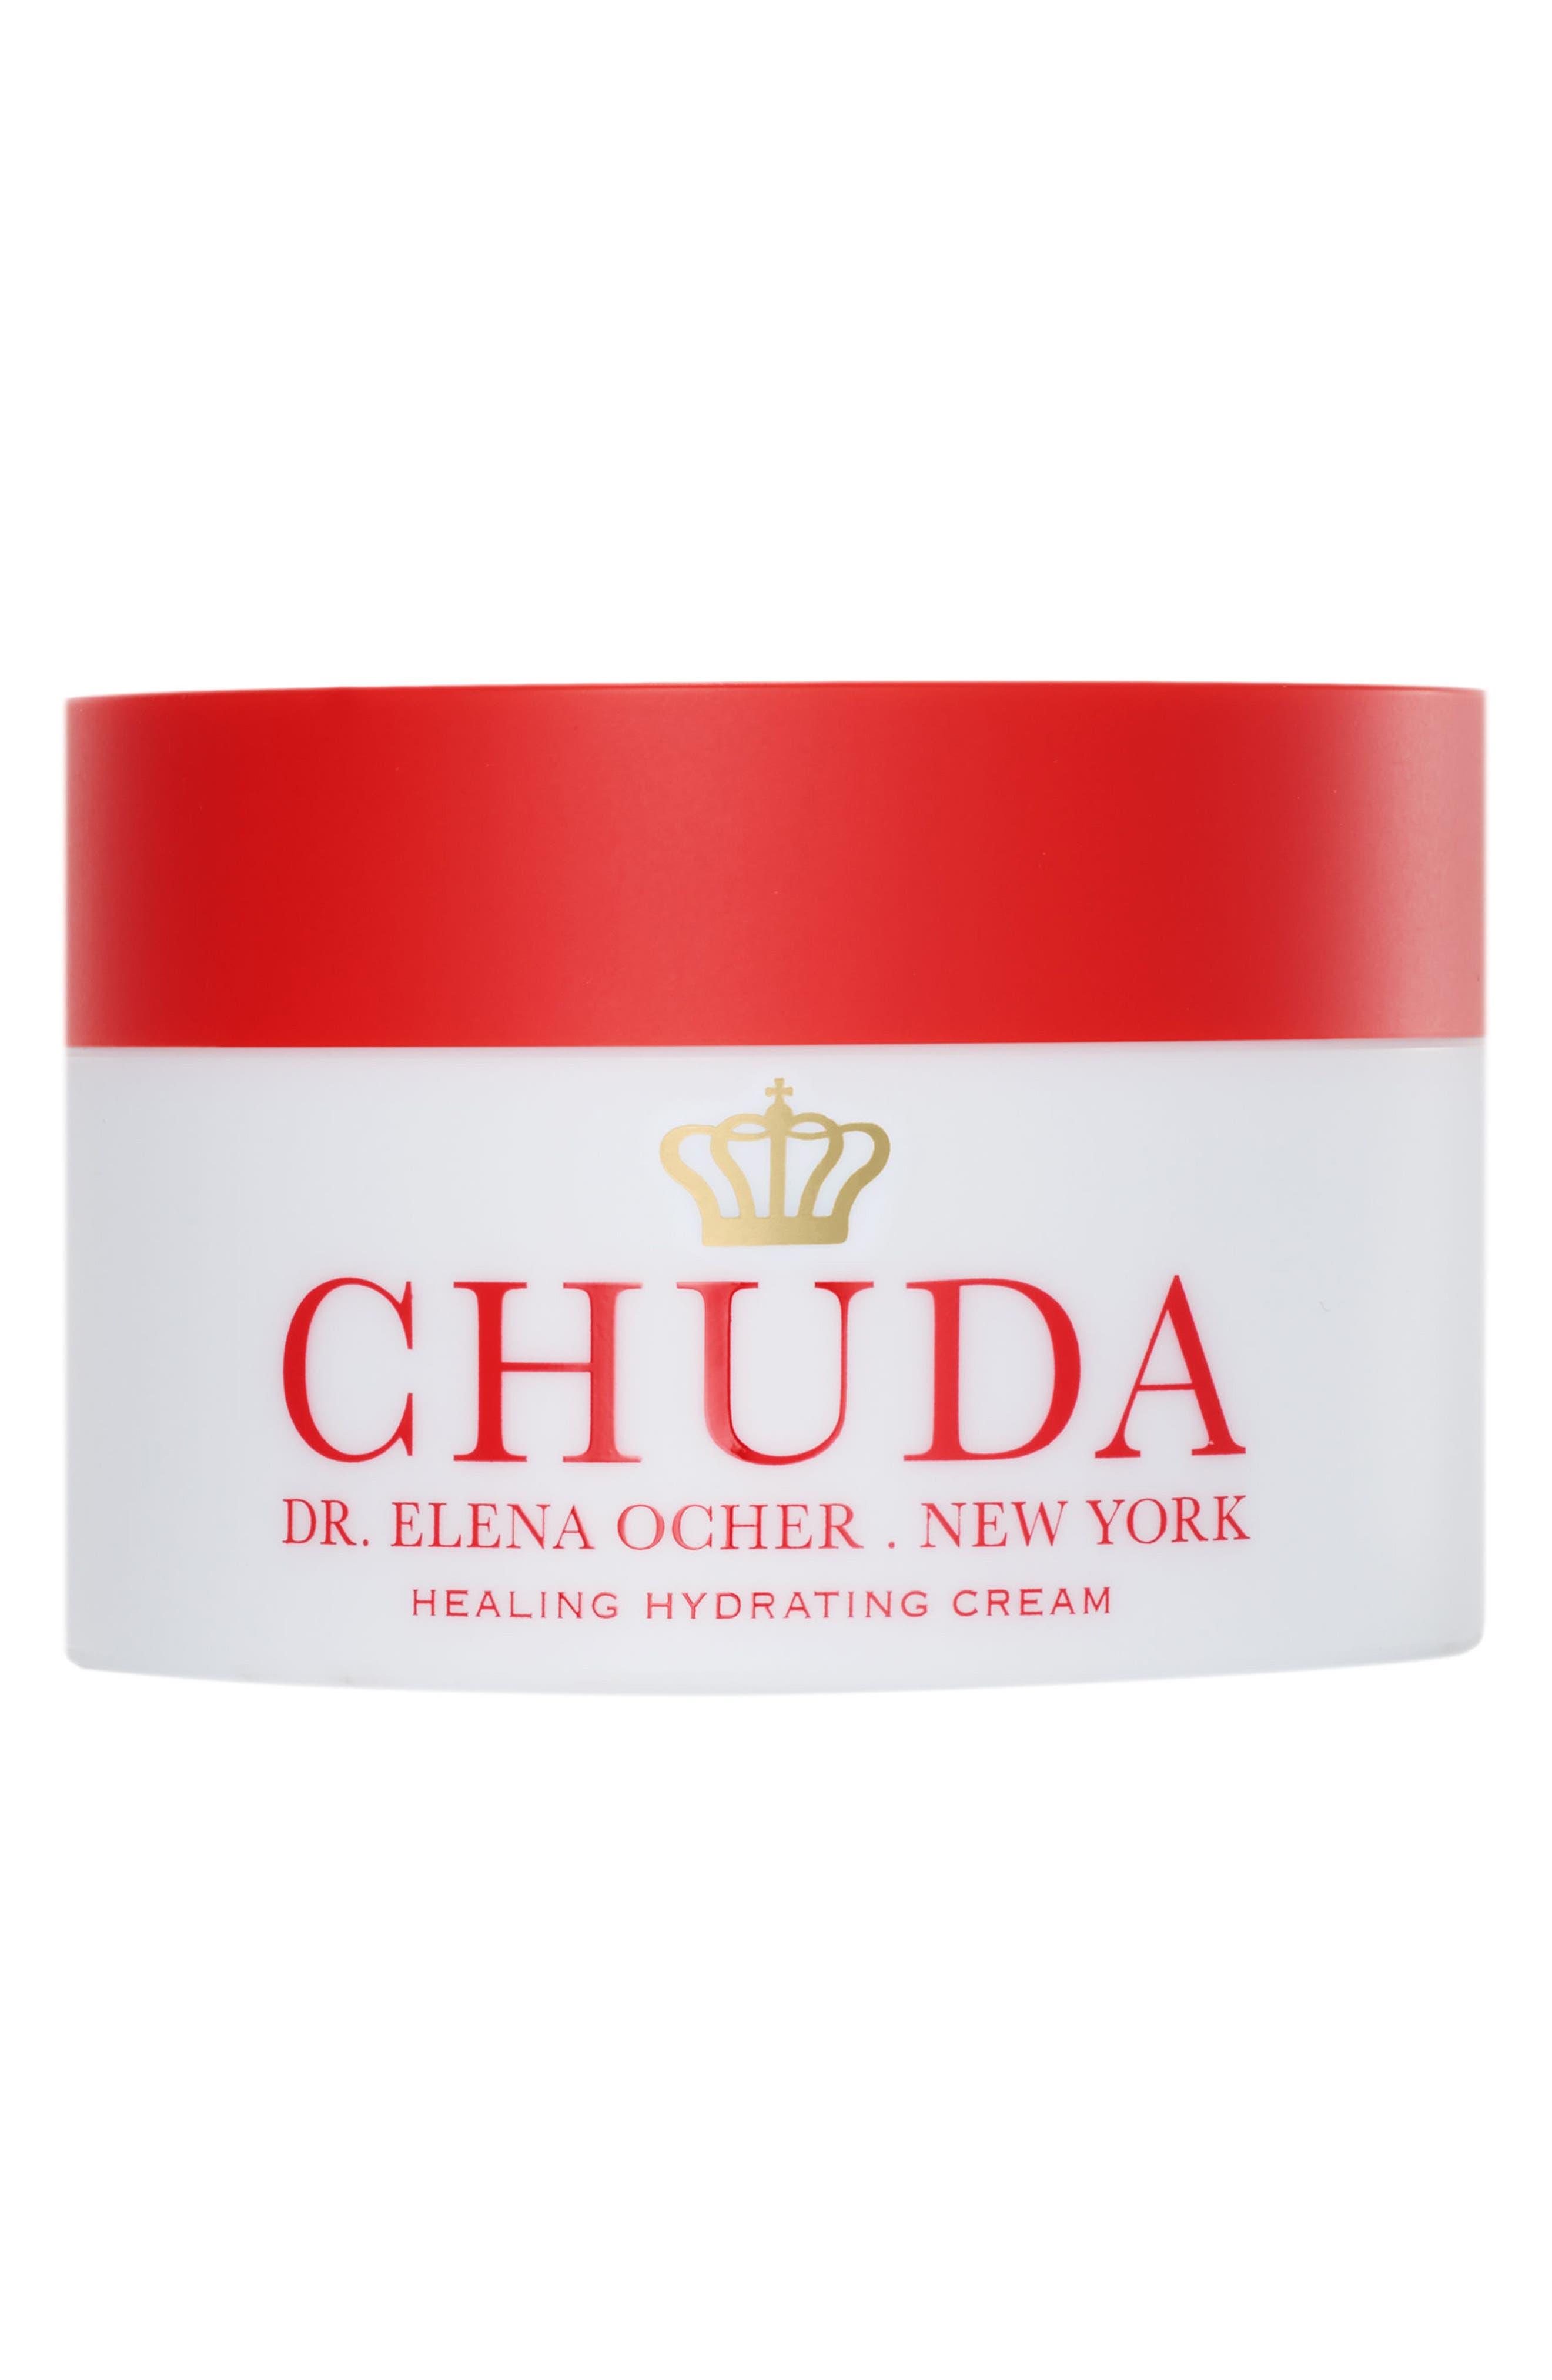 Healing Hydrating Cream,                             Main thumbnail 1, color,                             No Color